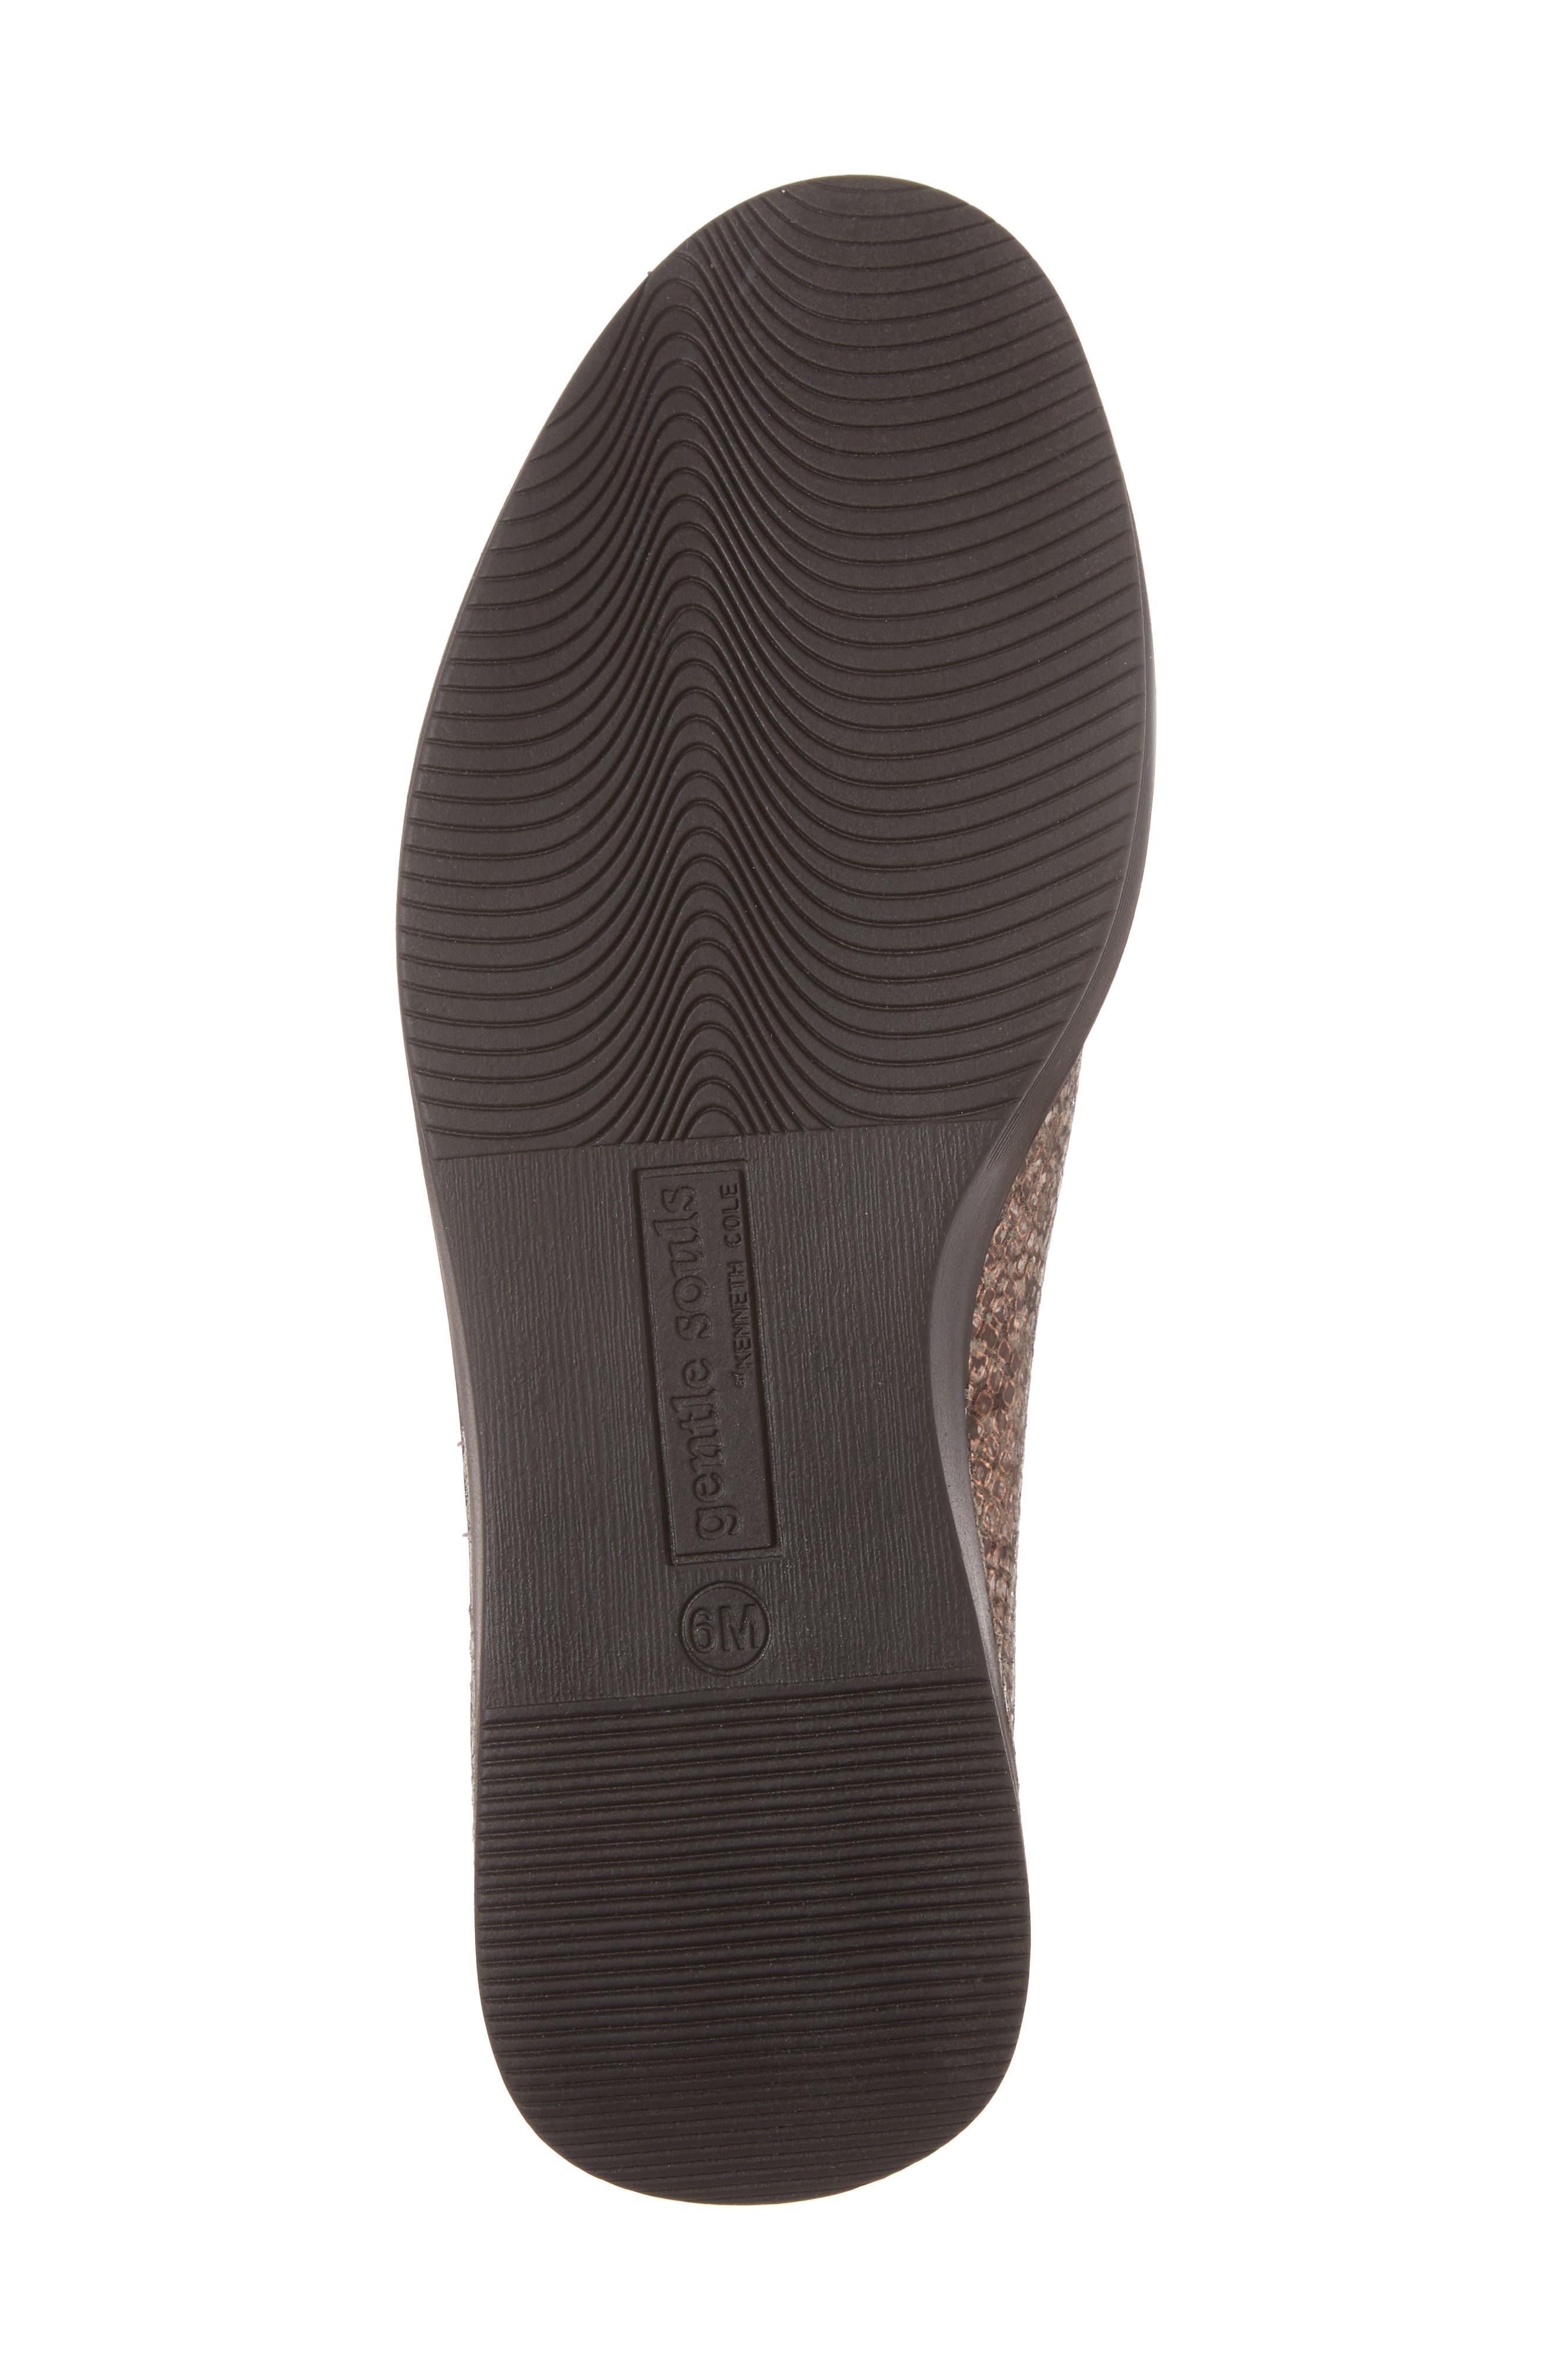 Hanna Slip-On Sneaker,                             Alternate thumbnail 6, color,                             Rose Gold Leather